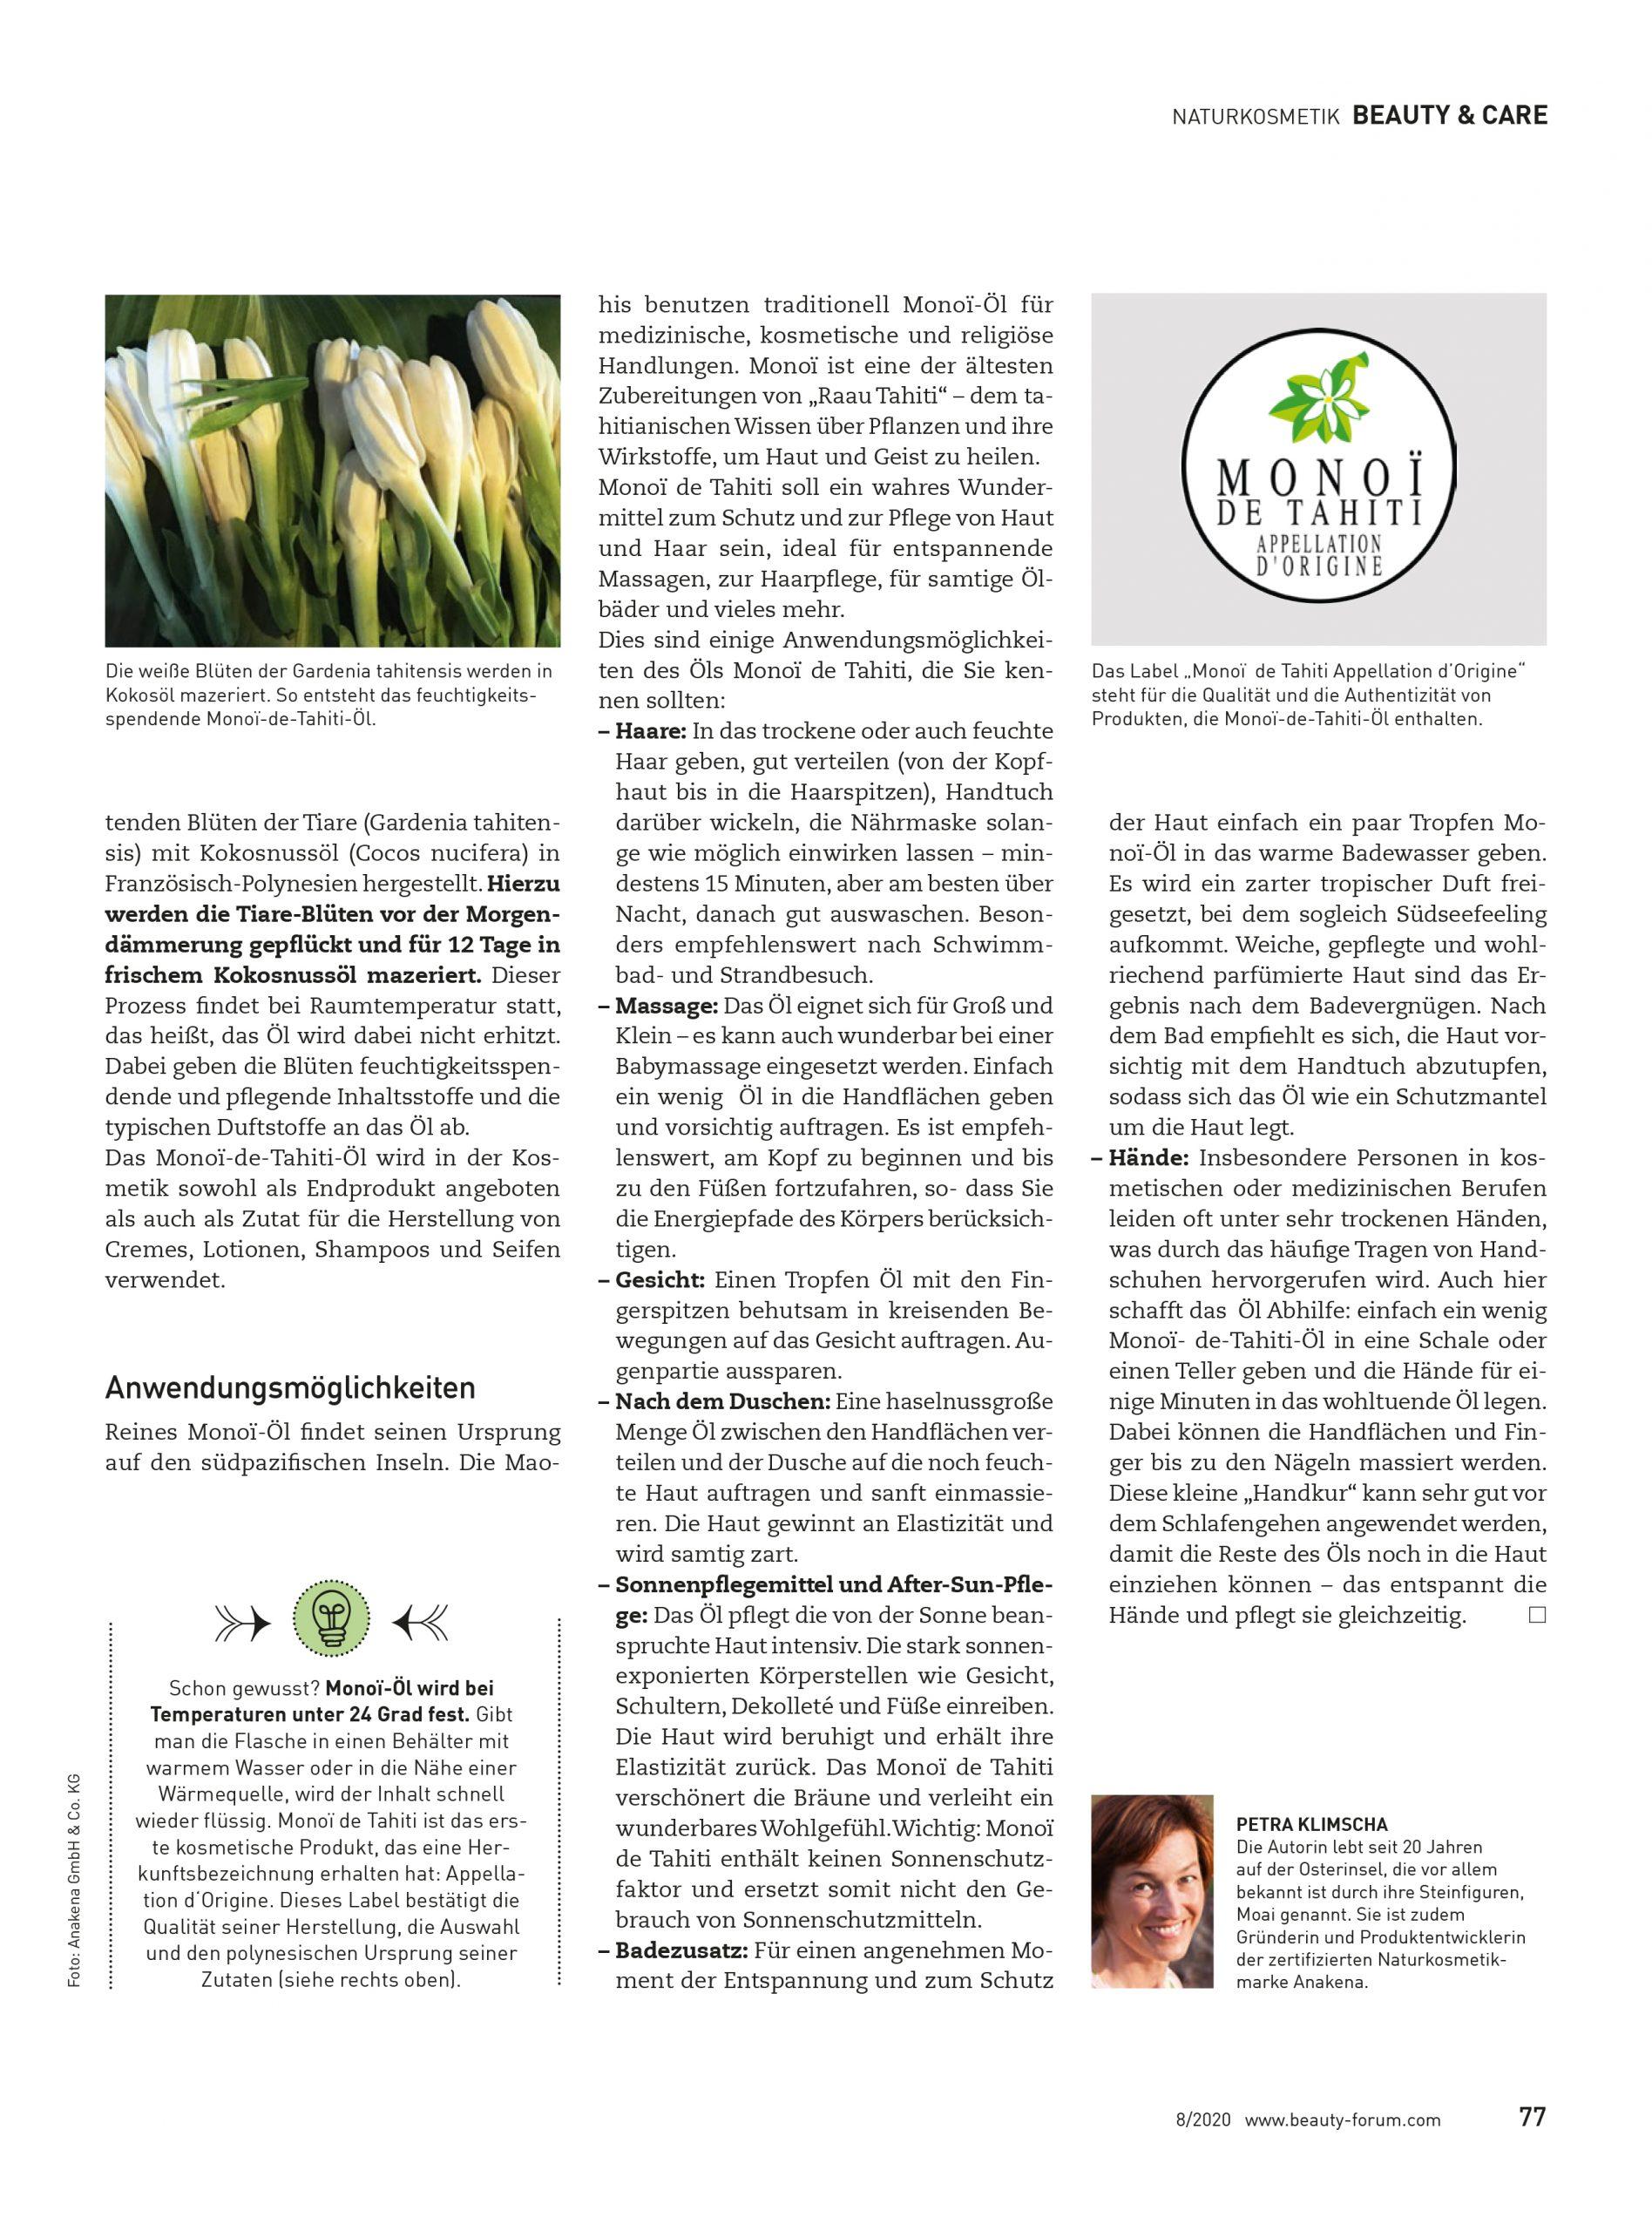 Monoi de Tahiti_Artikel Seite 2